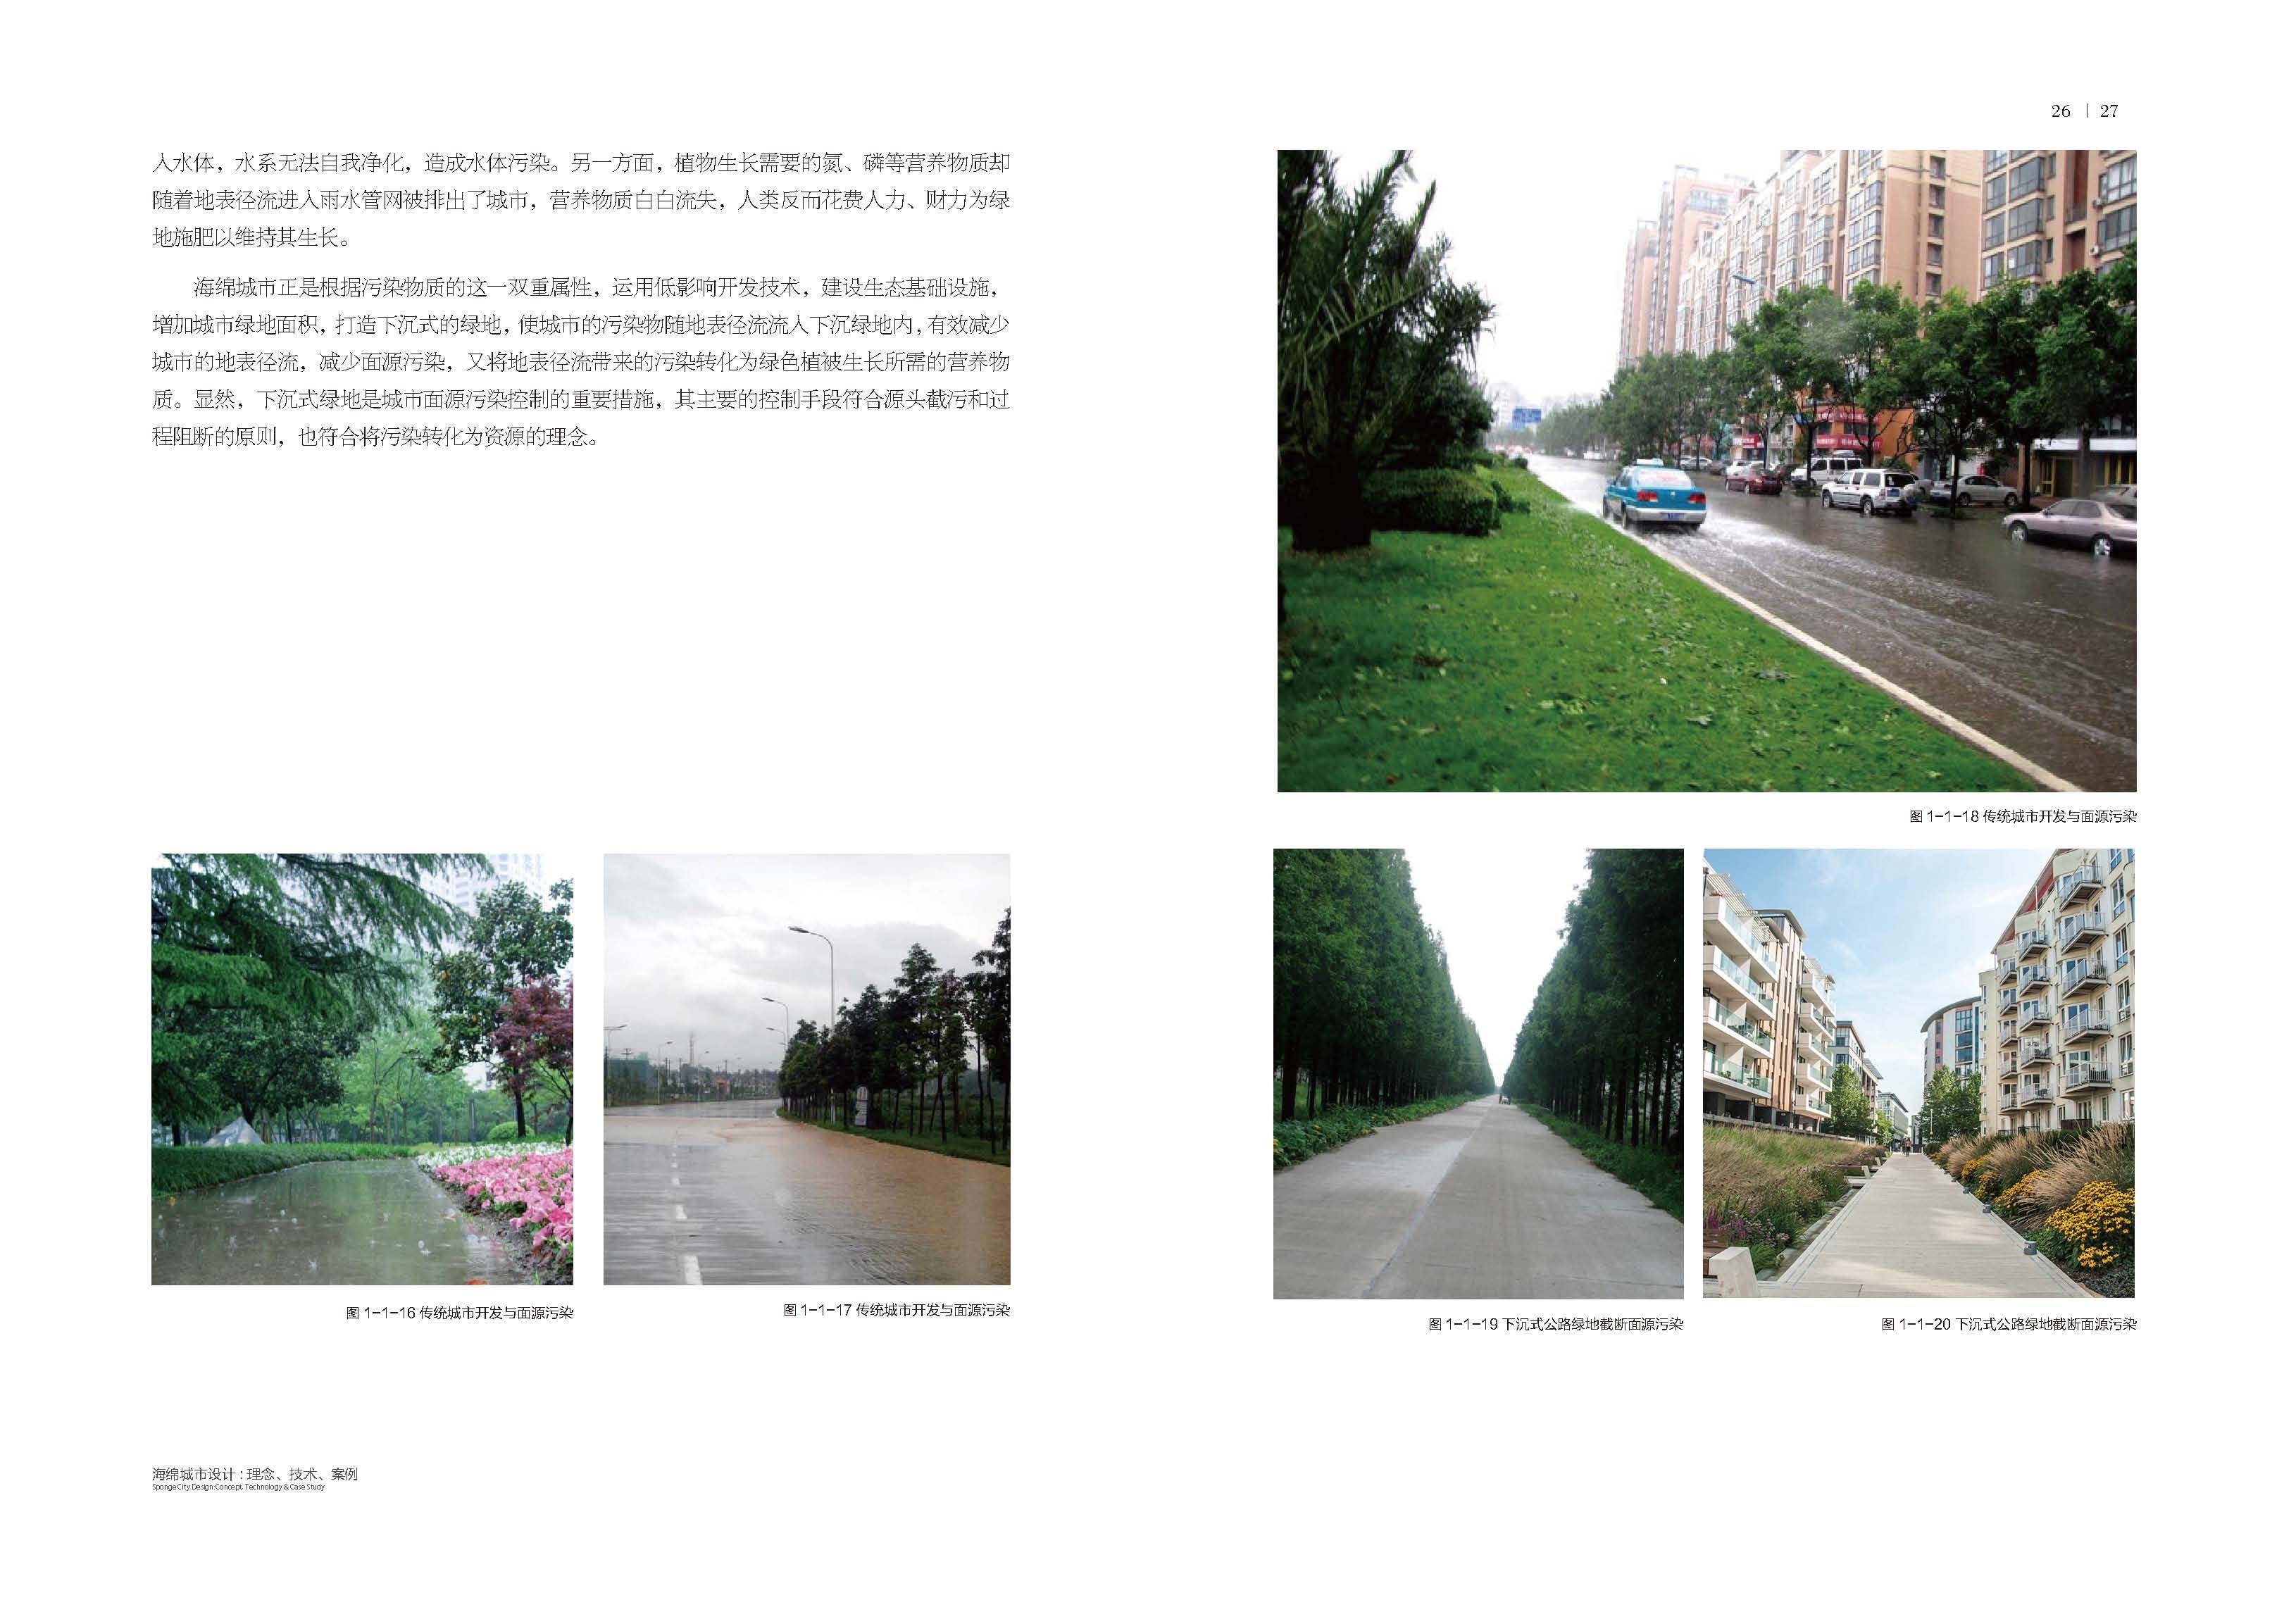 海绵城市设计套装(海绵城市设计 : 理念,技术,案例 海绵城市设计图解)